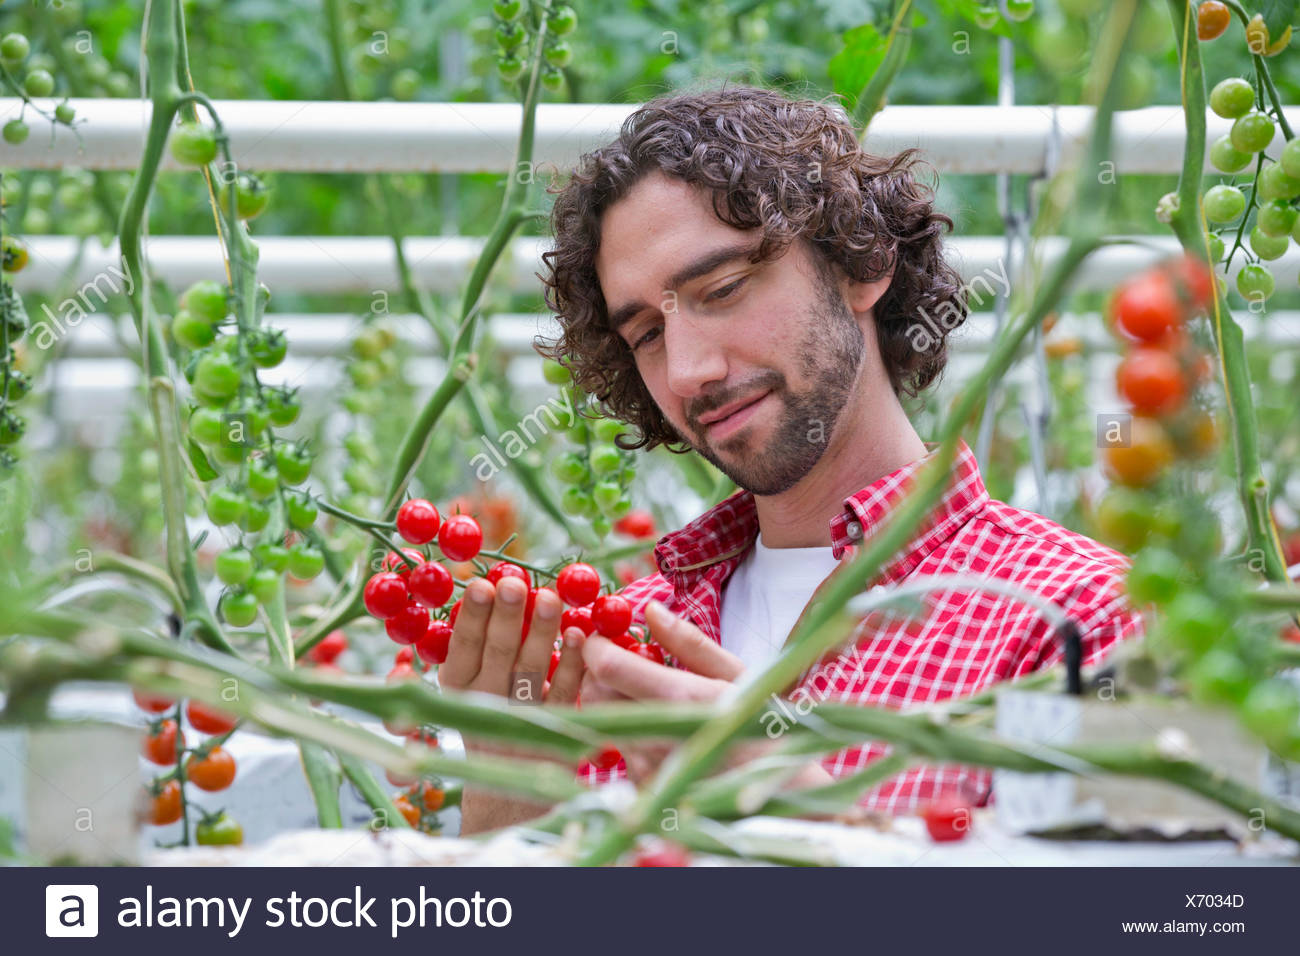 Züchter, die Prüfung von reifen roten Strauchtomaten Stockbild